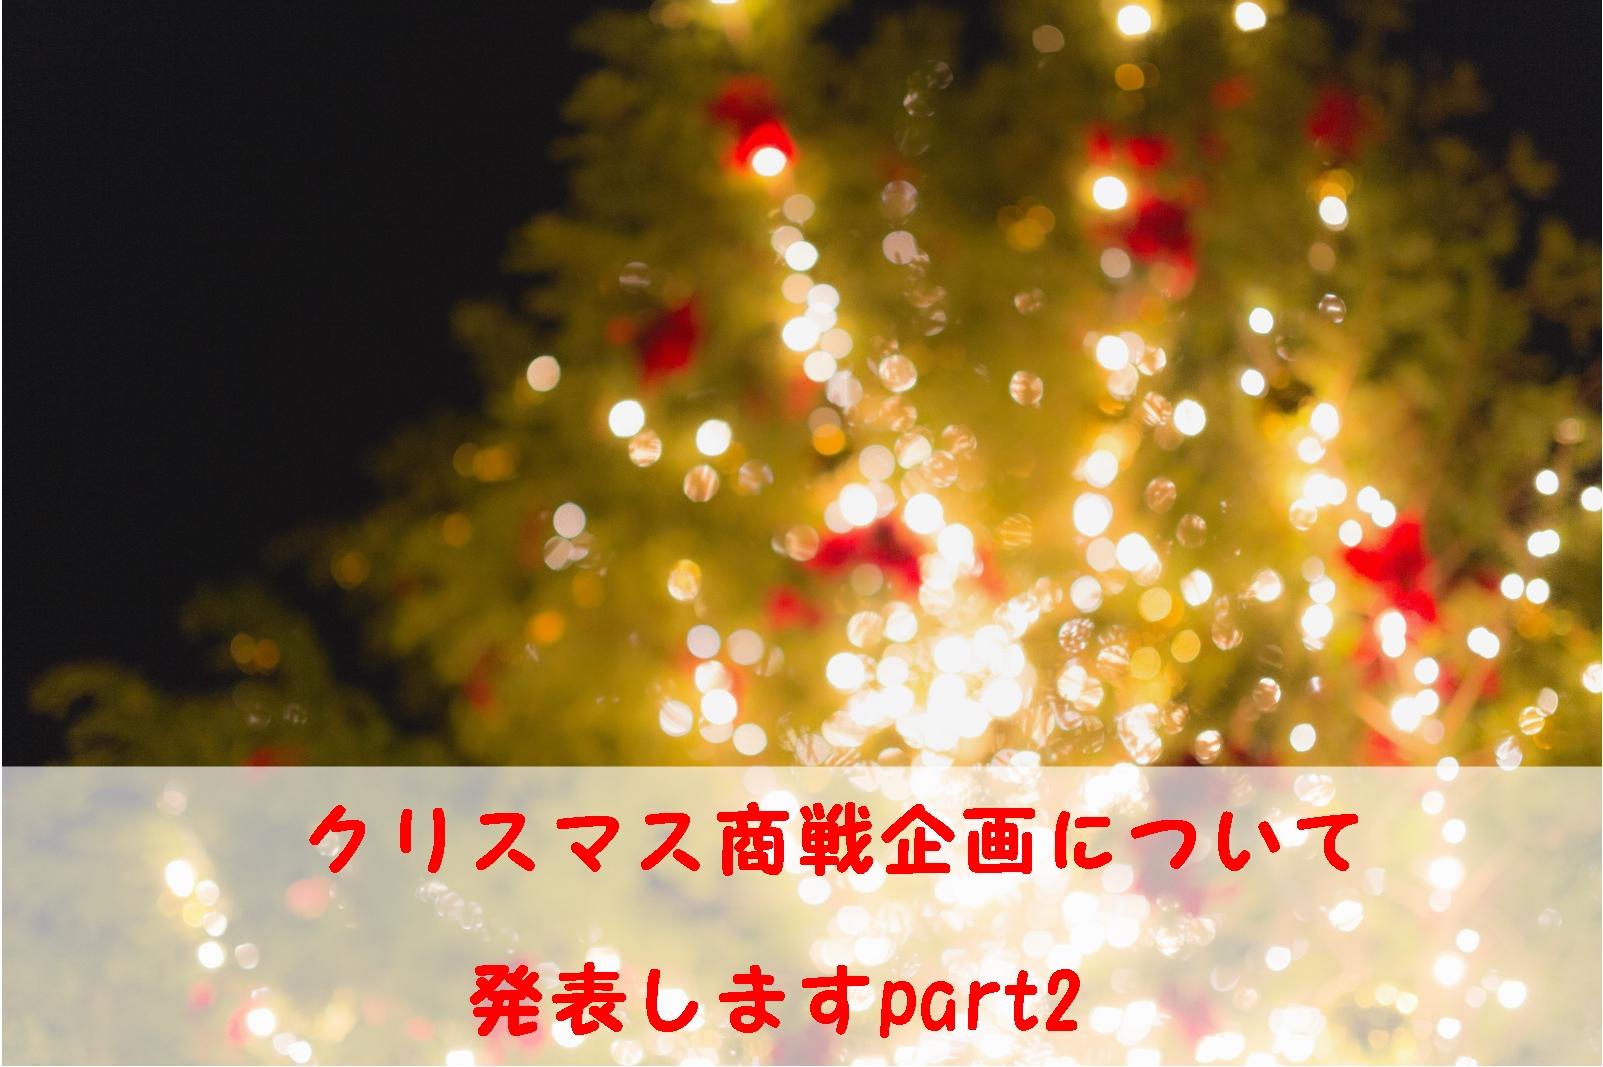 【せどり・転売】クリスマス商戦企画2016について発表しますpart2